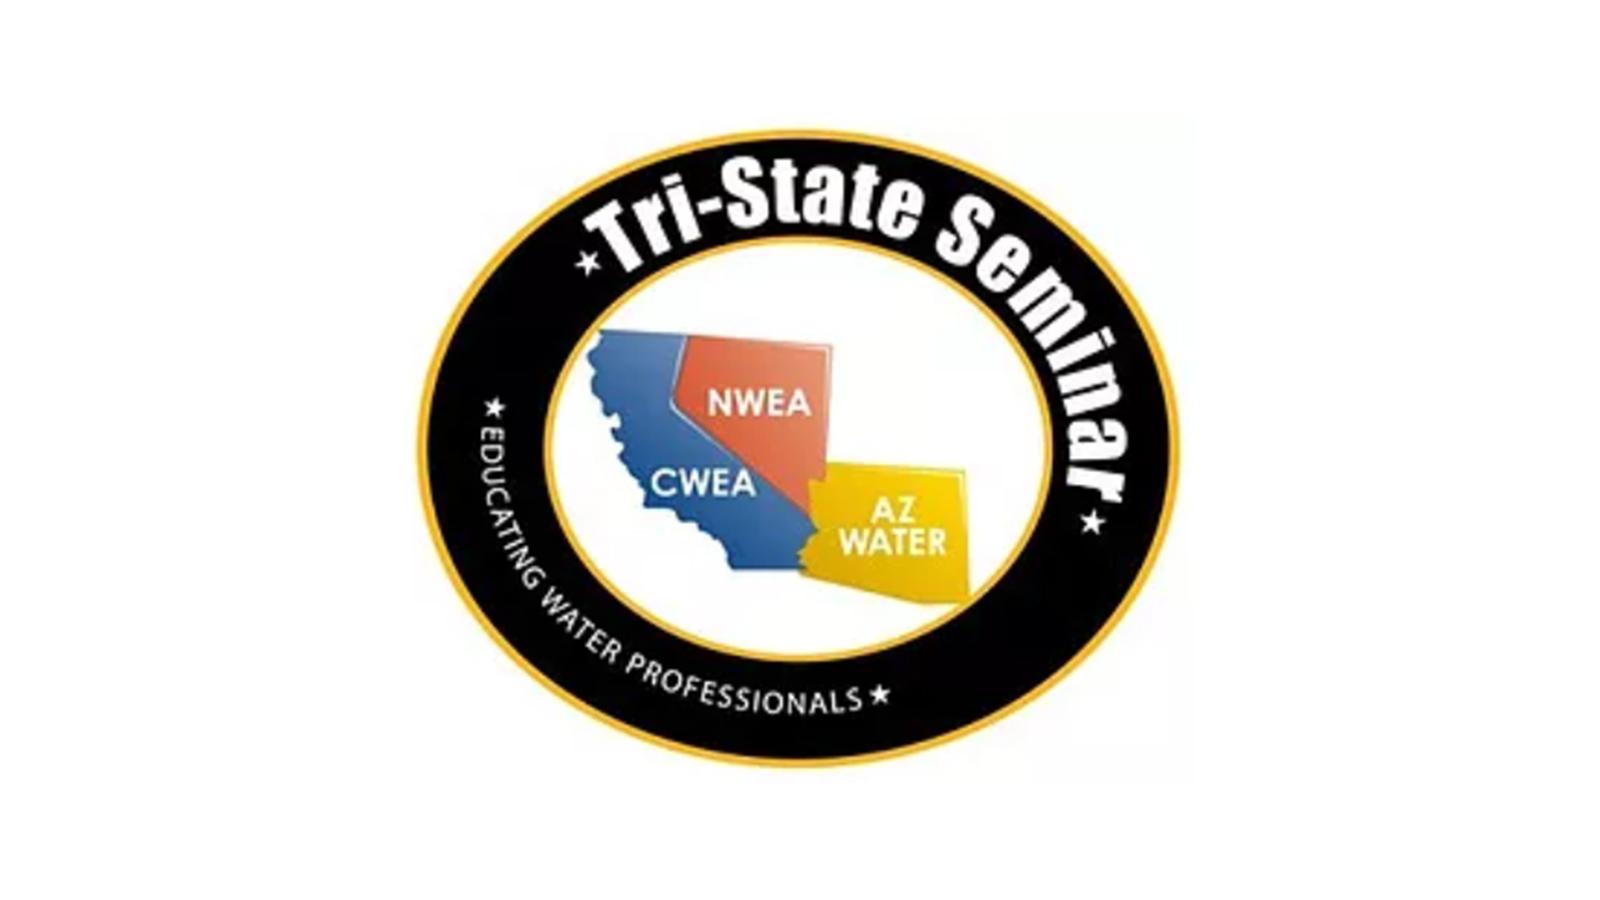 Tri-State Seminar